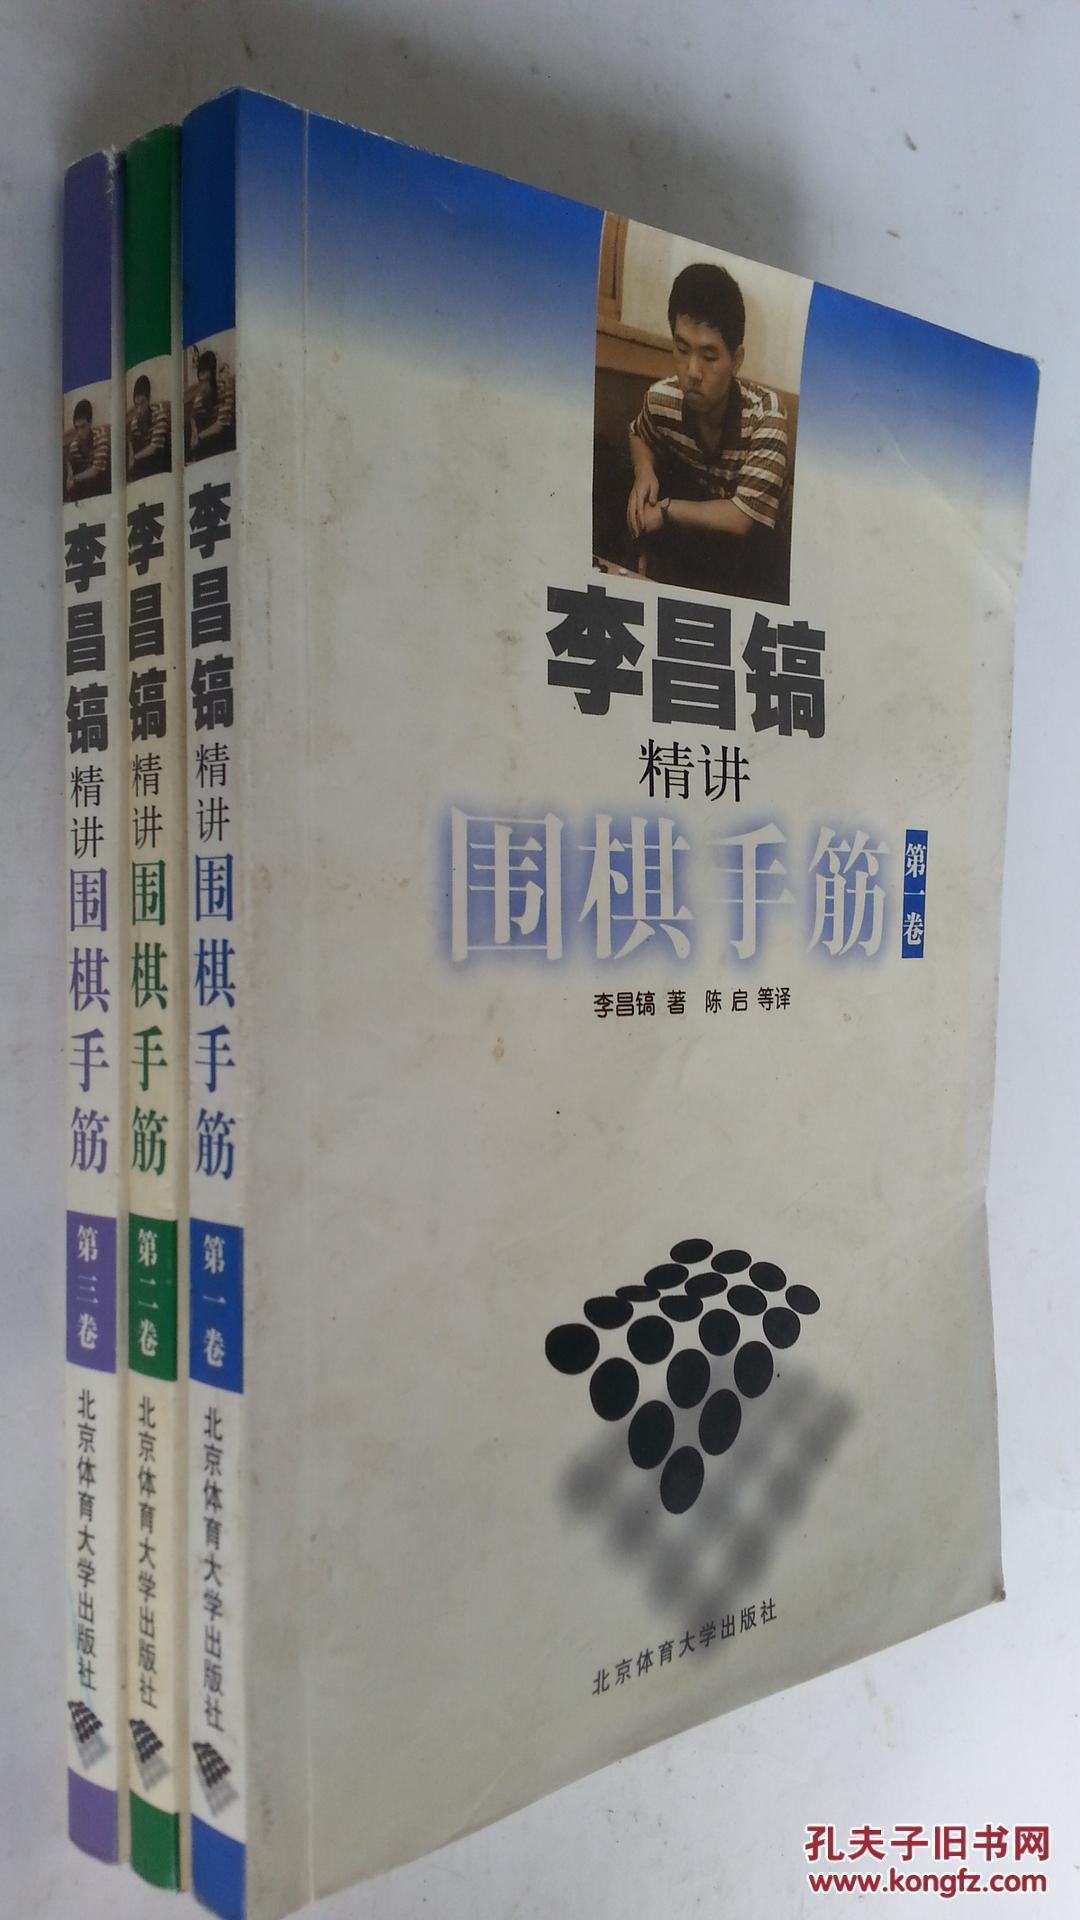 李昌镐精讲围棋手筋(1卷2卷3卷)共3册